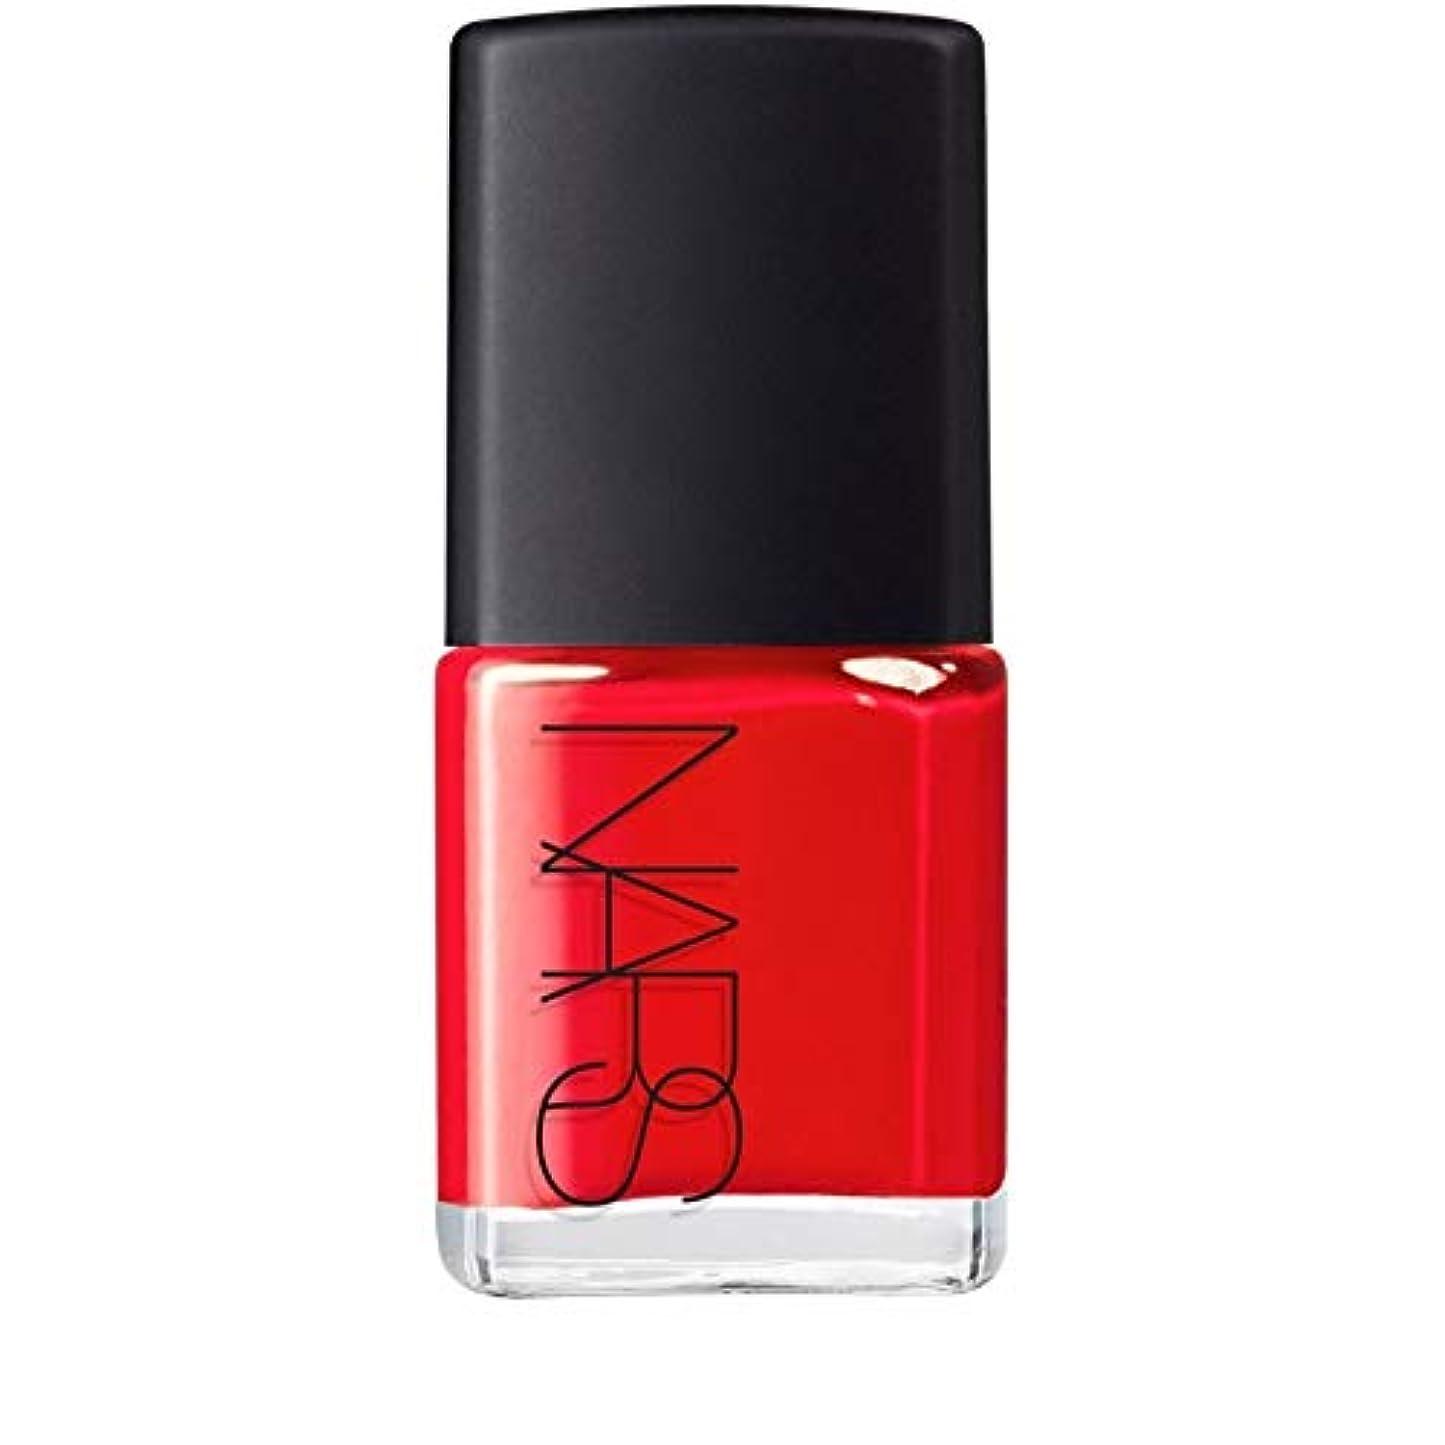 上記の頭と肩国家許す[Nars] パラディソイチゴピンクのNarのマニキュア - Nars Nail Polish in Paradiso Strawberry Pink [並行輸入品]